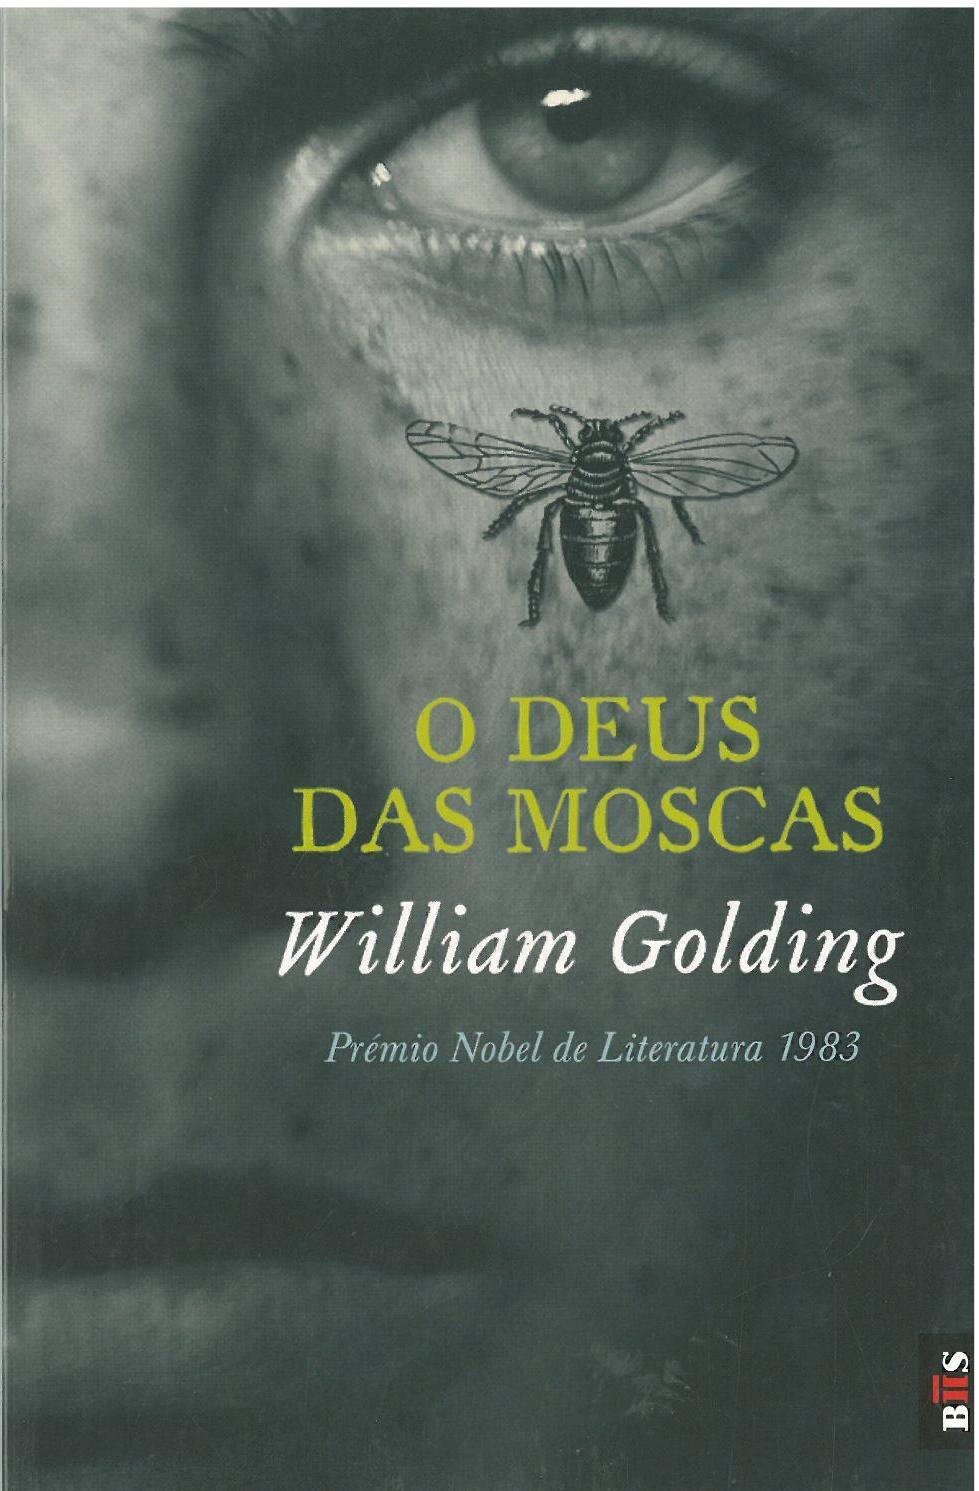 O Deus das moscas_.jpg